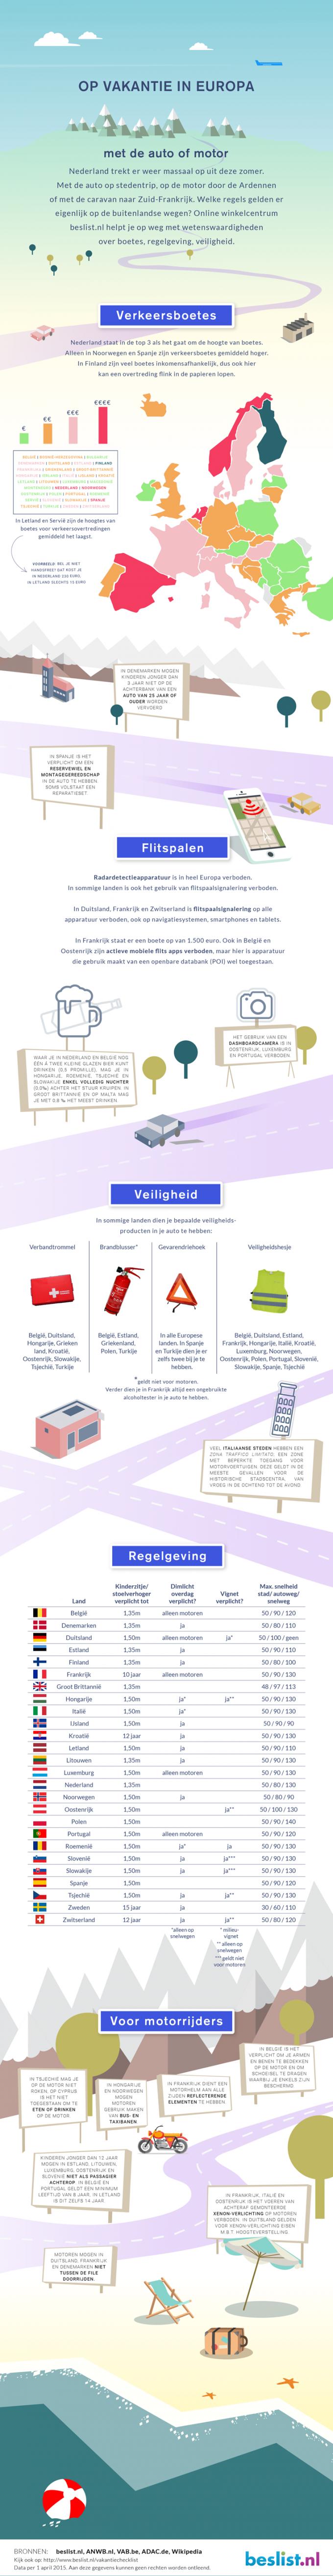 Verkeersregelsinfographic Europa